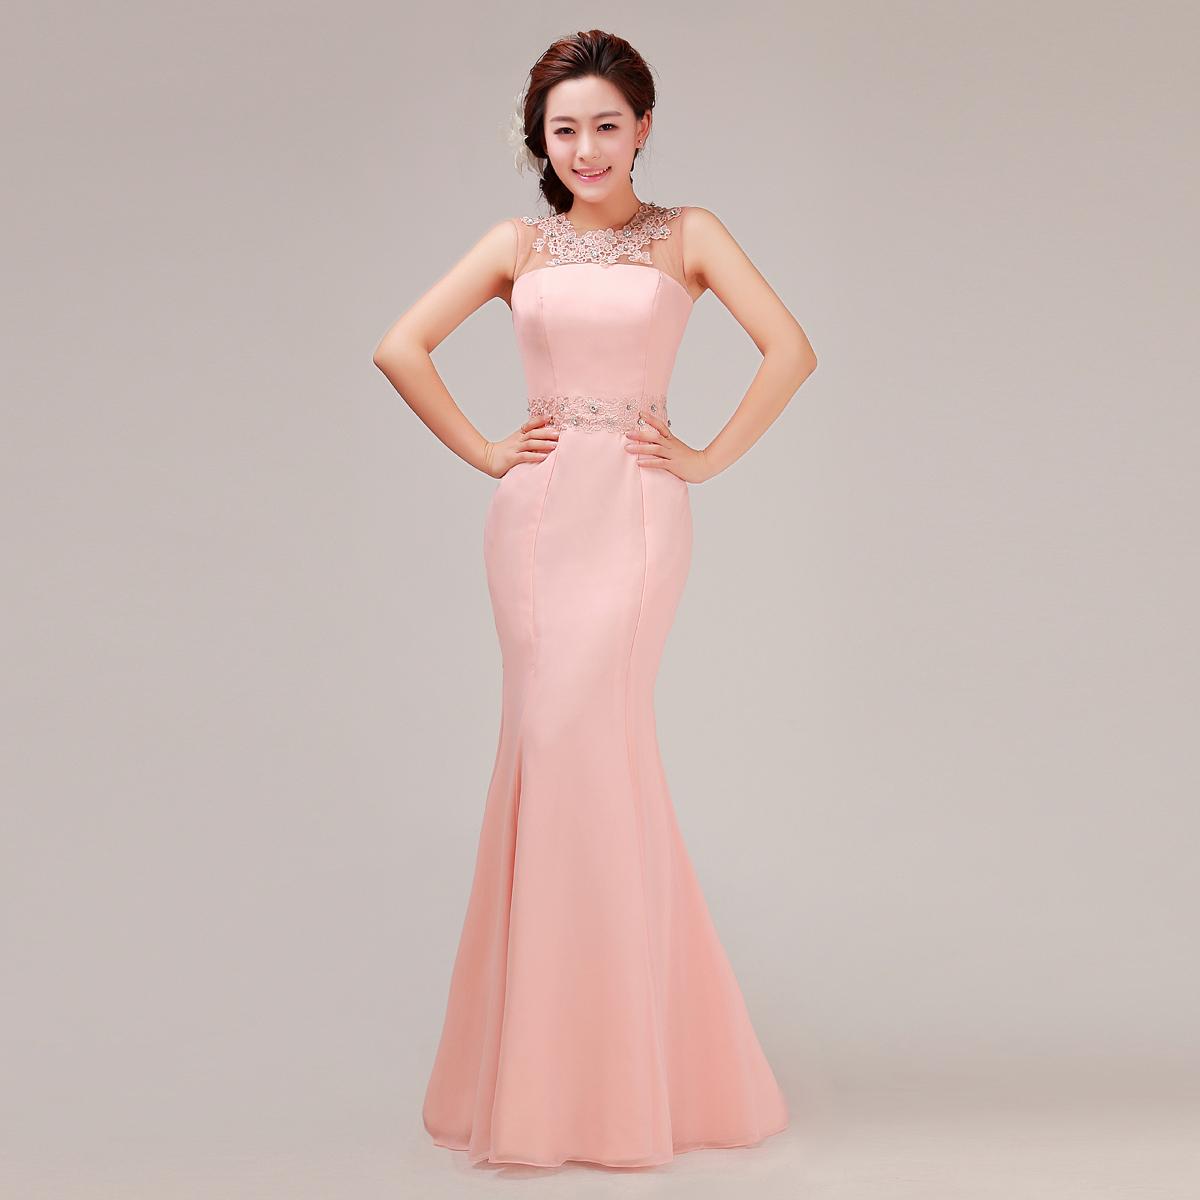 2013最新款婚纱礼服 时尚韩版修身鱼尾结婚敬酒晚礼服长款伴娘服